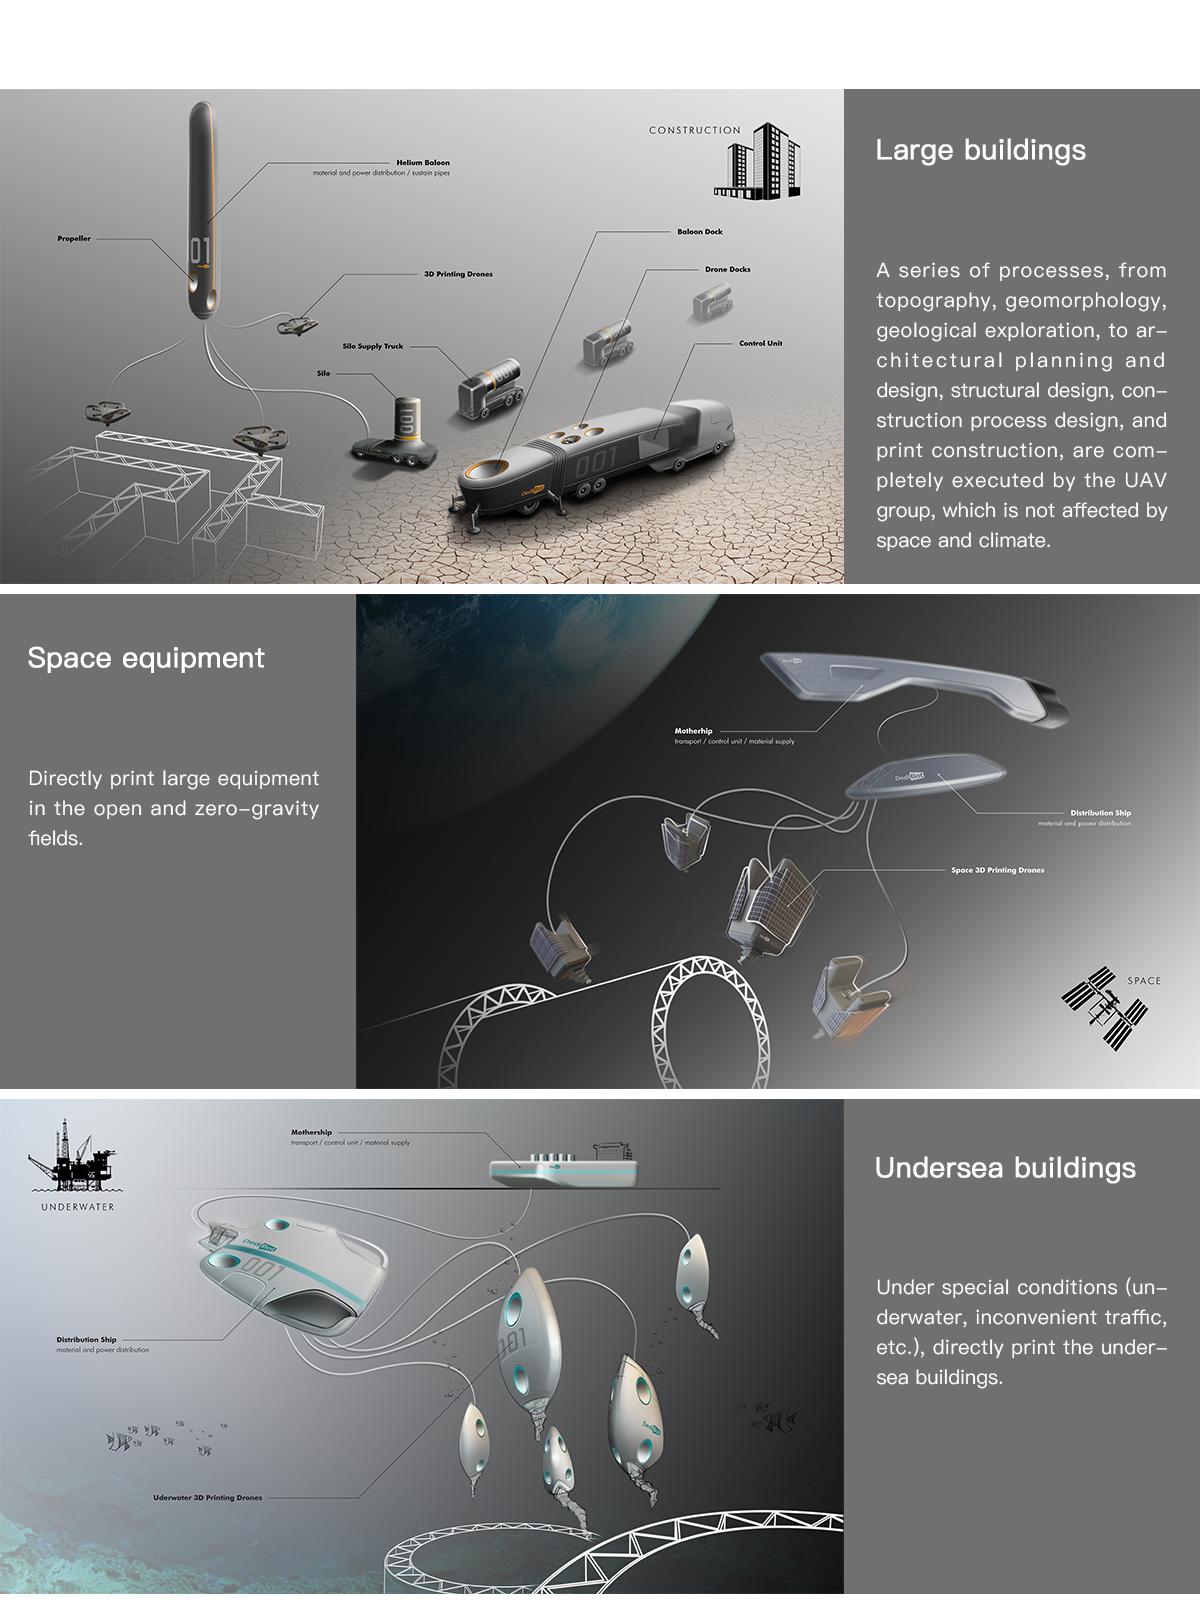 ドローン型3Dプリンターにヘリウムバルーンからマテリアルを供給